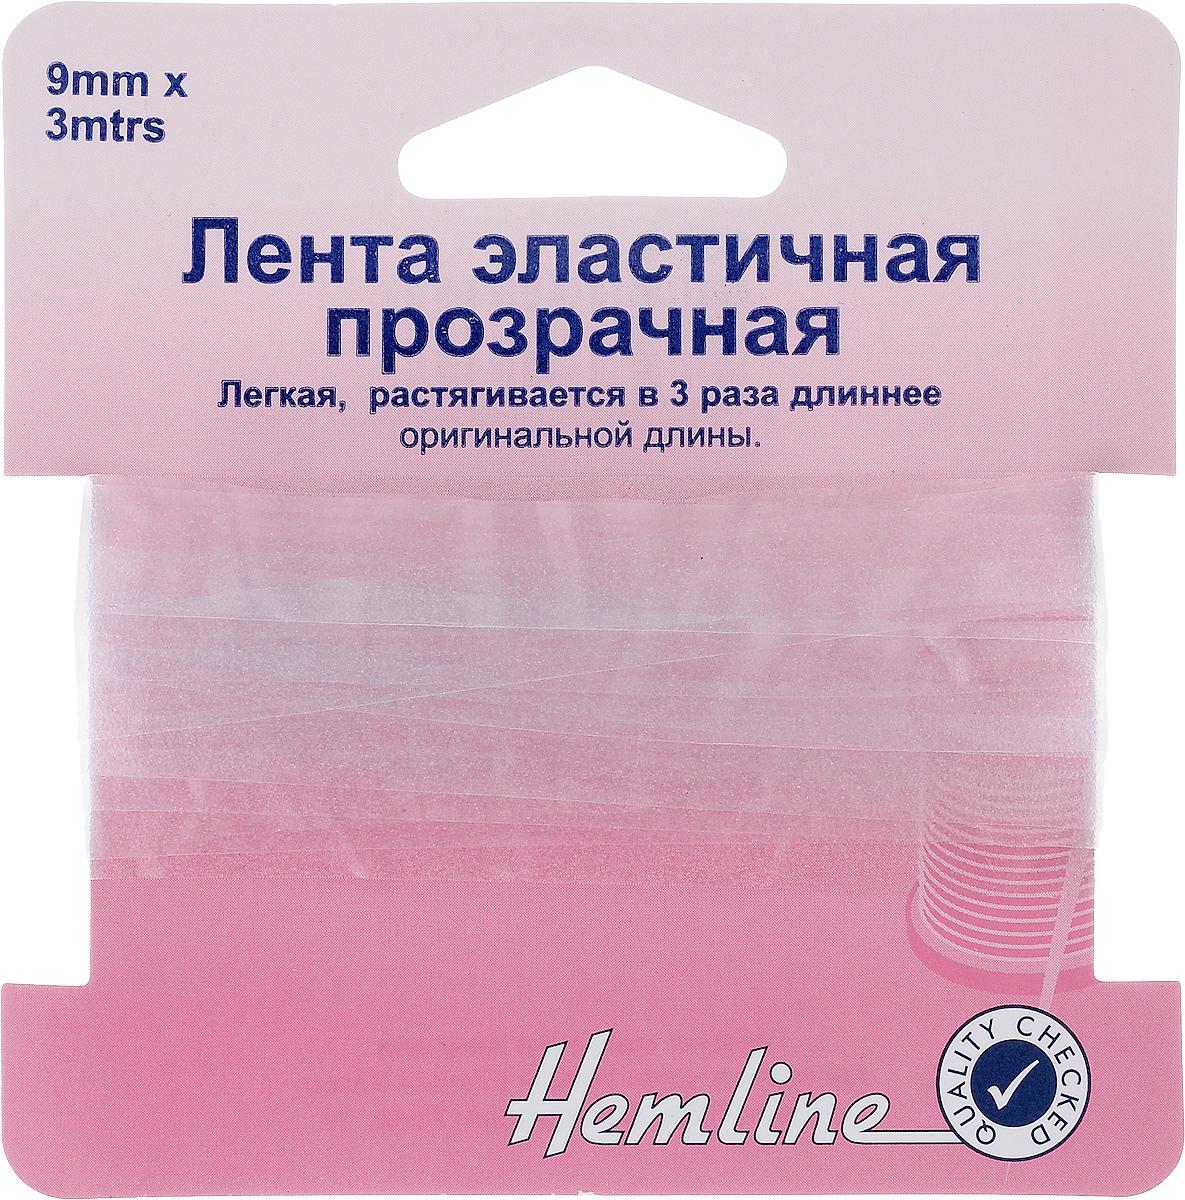 Лента эластичная прозрачная Hemline, 0,9 х 300 см09840-20.000.00Прозрачная эластичная лента Hemline, изготовленная из силикона, растягивается в три раза длиннее оригинальной длины. Может использоваться вместо обычной резинки для пристрачивания и образования сборок на прозрачных и тонких тканях.